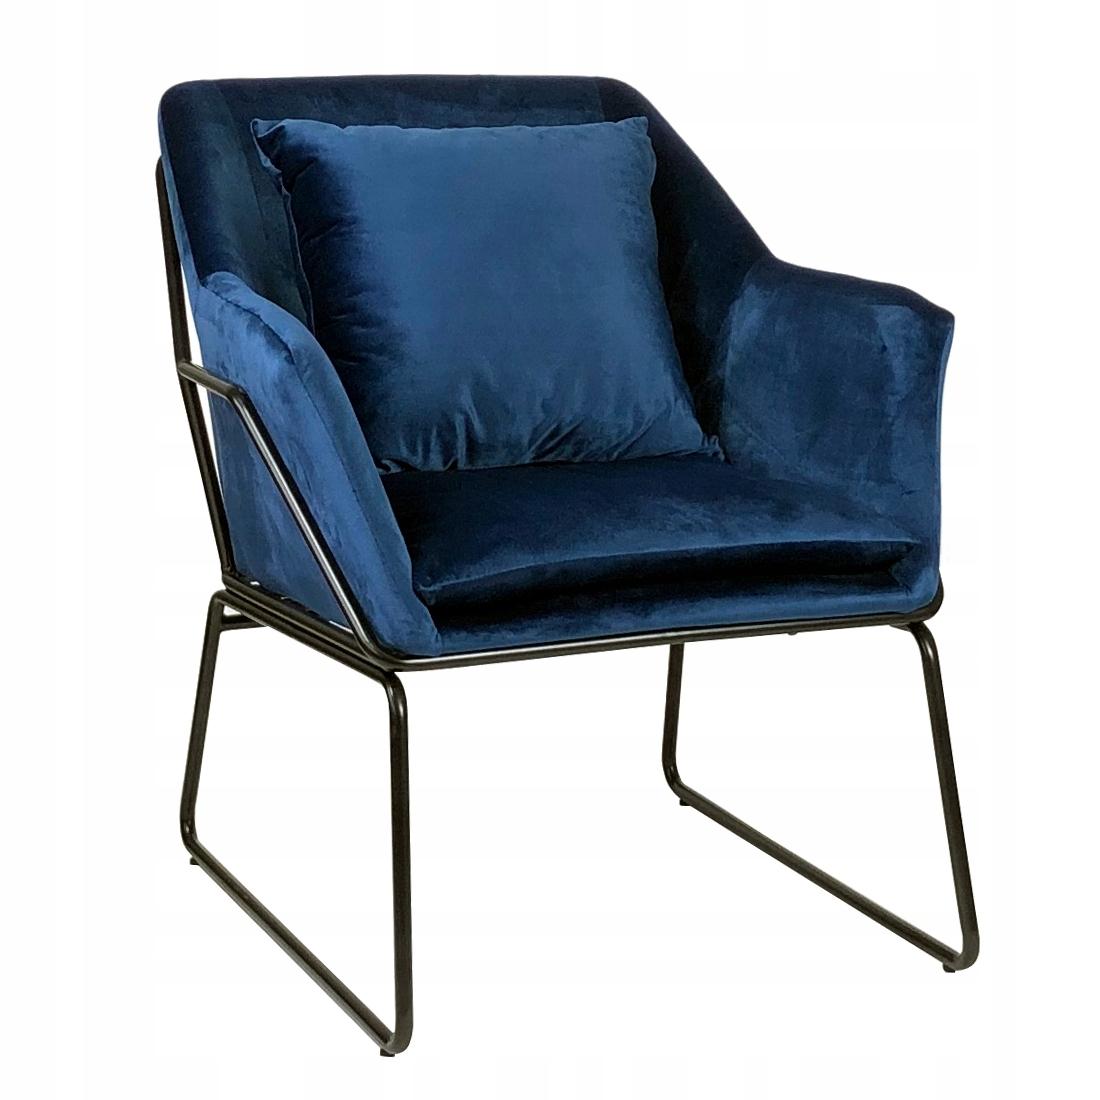 Tomo бархатное темно-синее кресло с обивкой